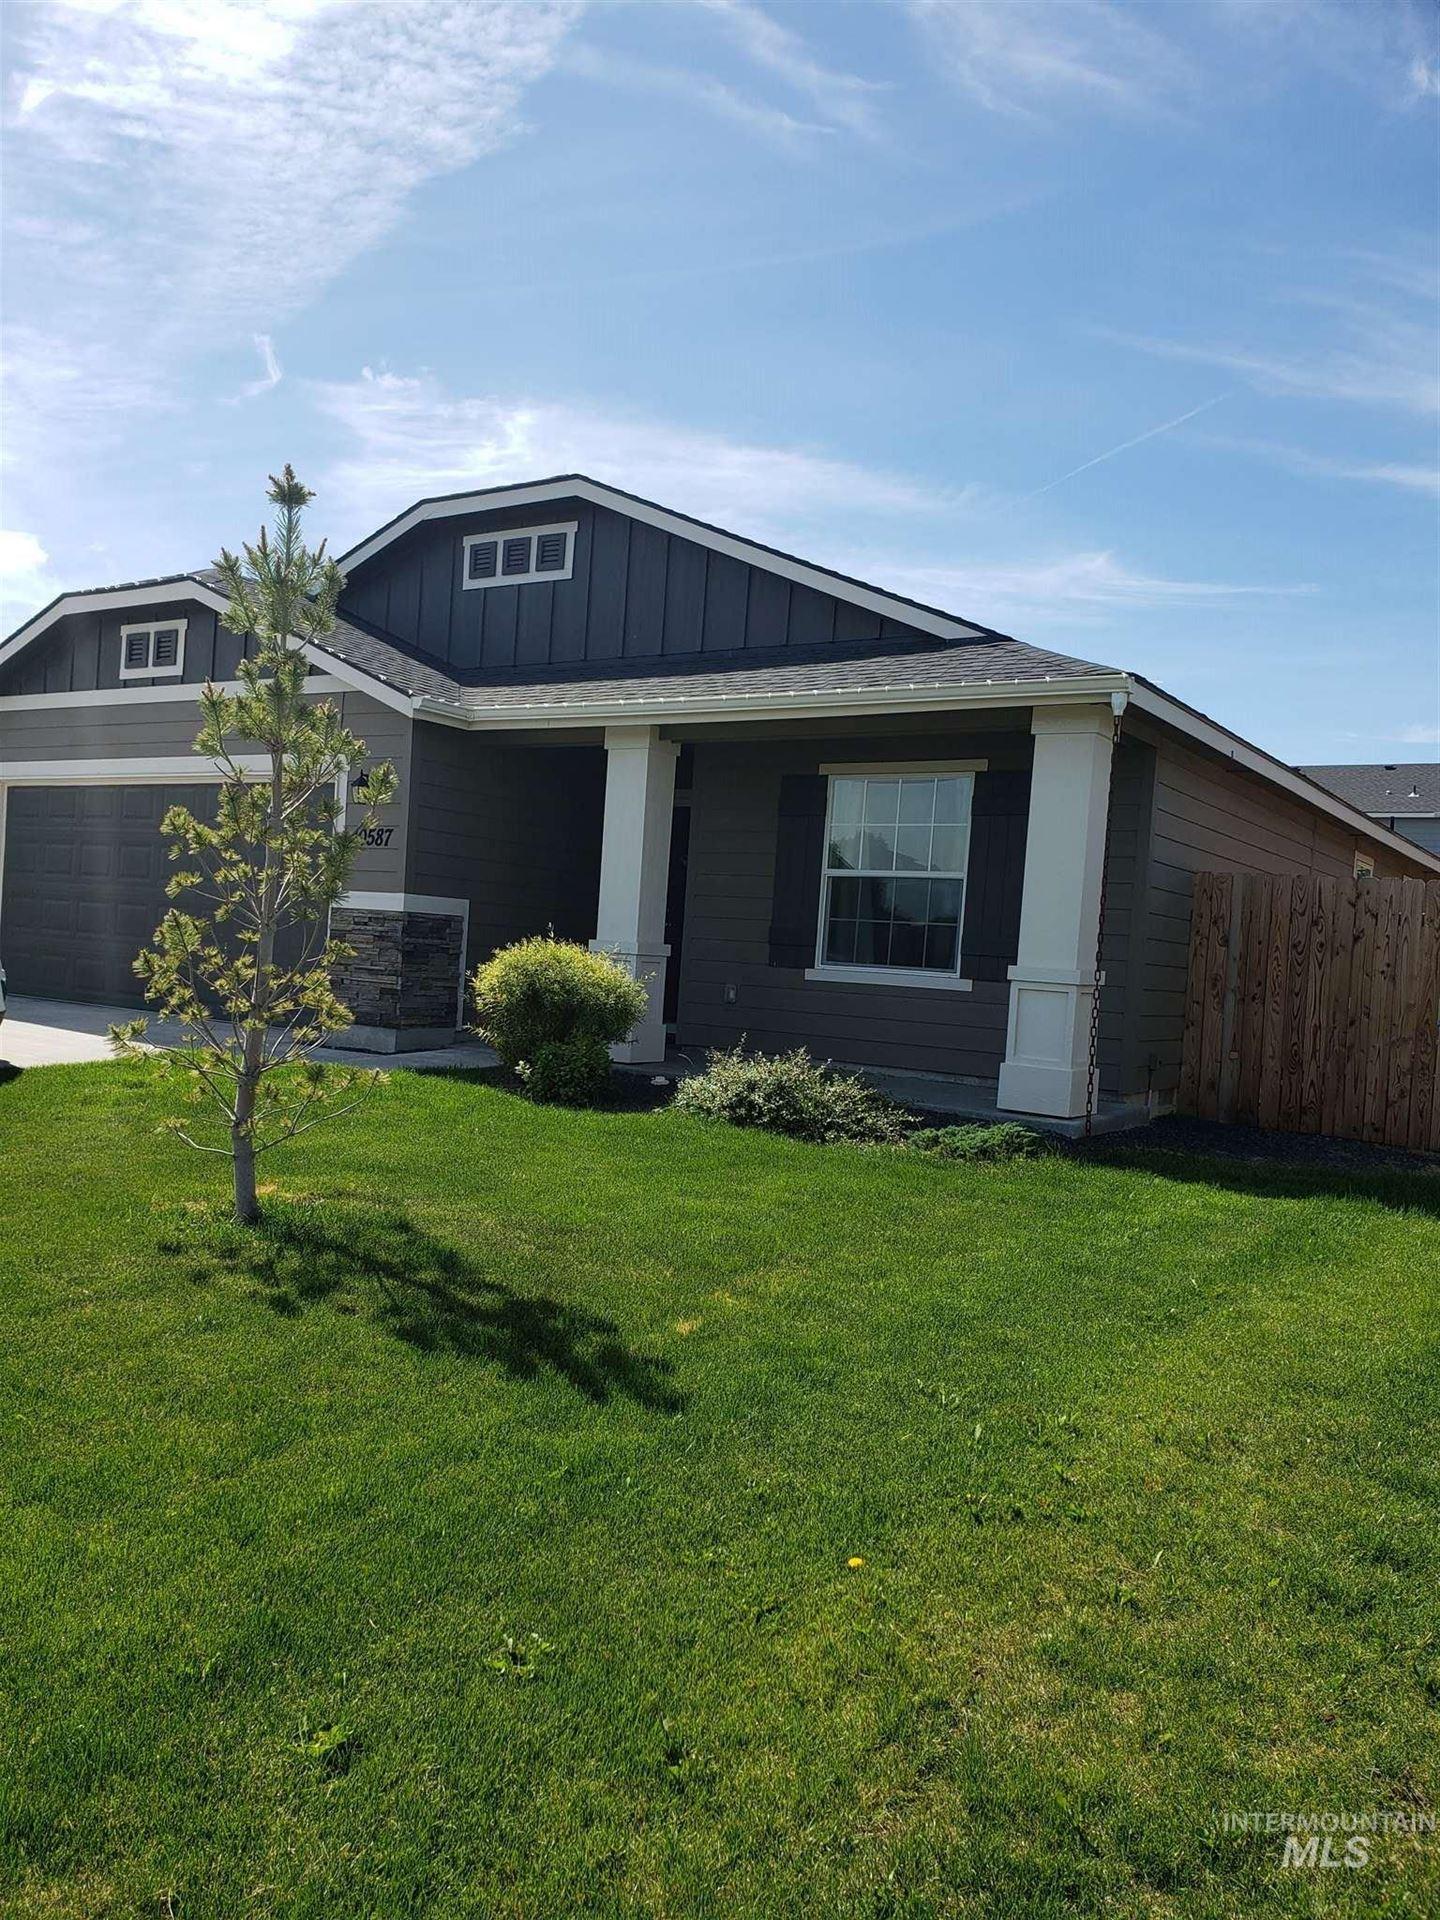 10587 Blue Springs St, Nampa, ID 83687 - MLS#: 98771182